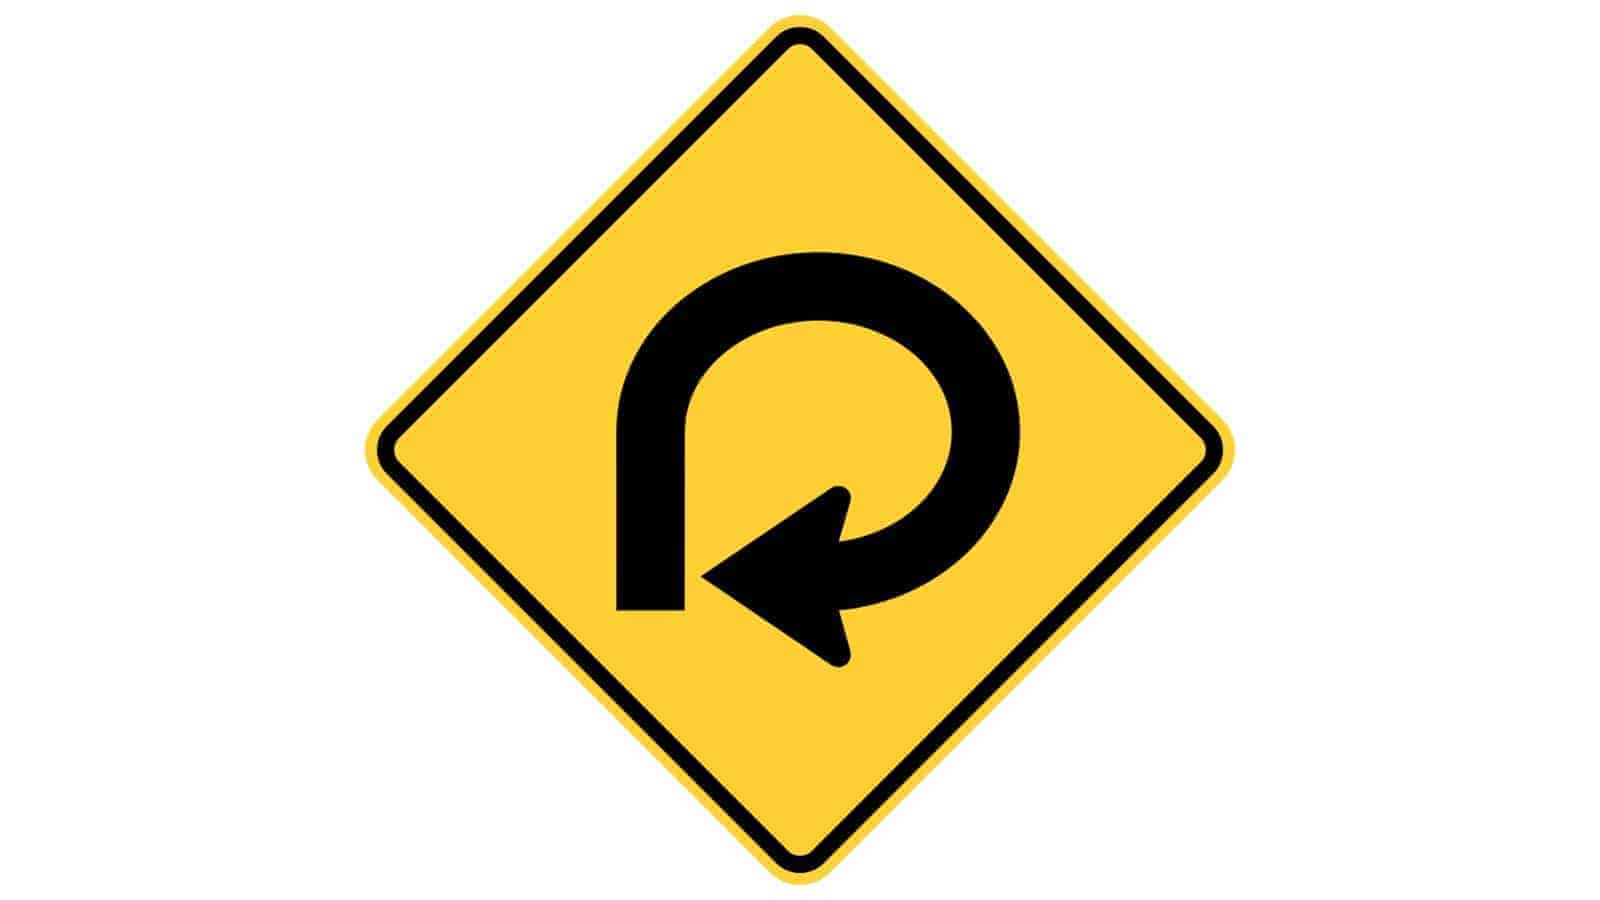 Warning sign 270-Degree Loop